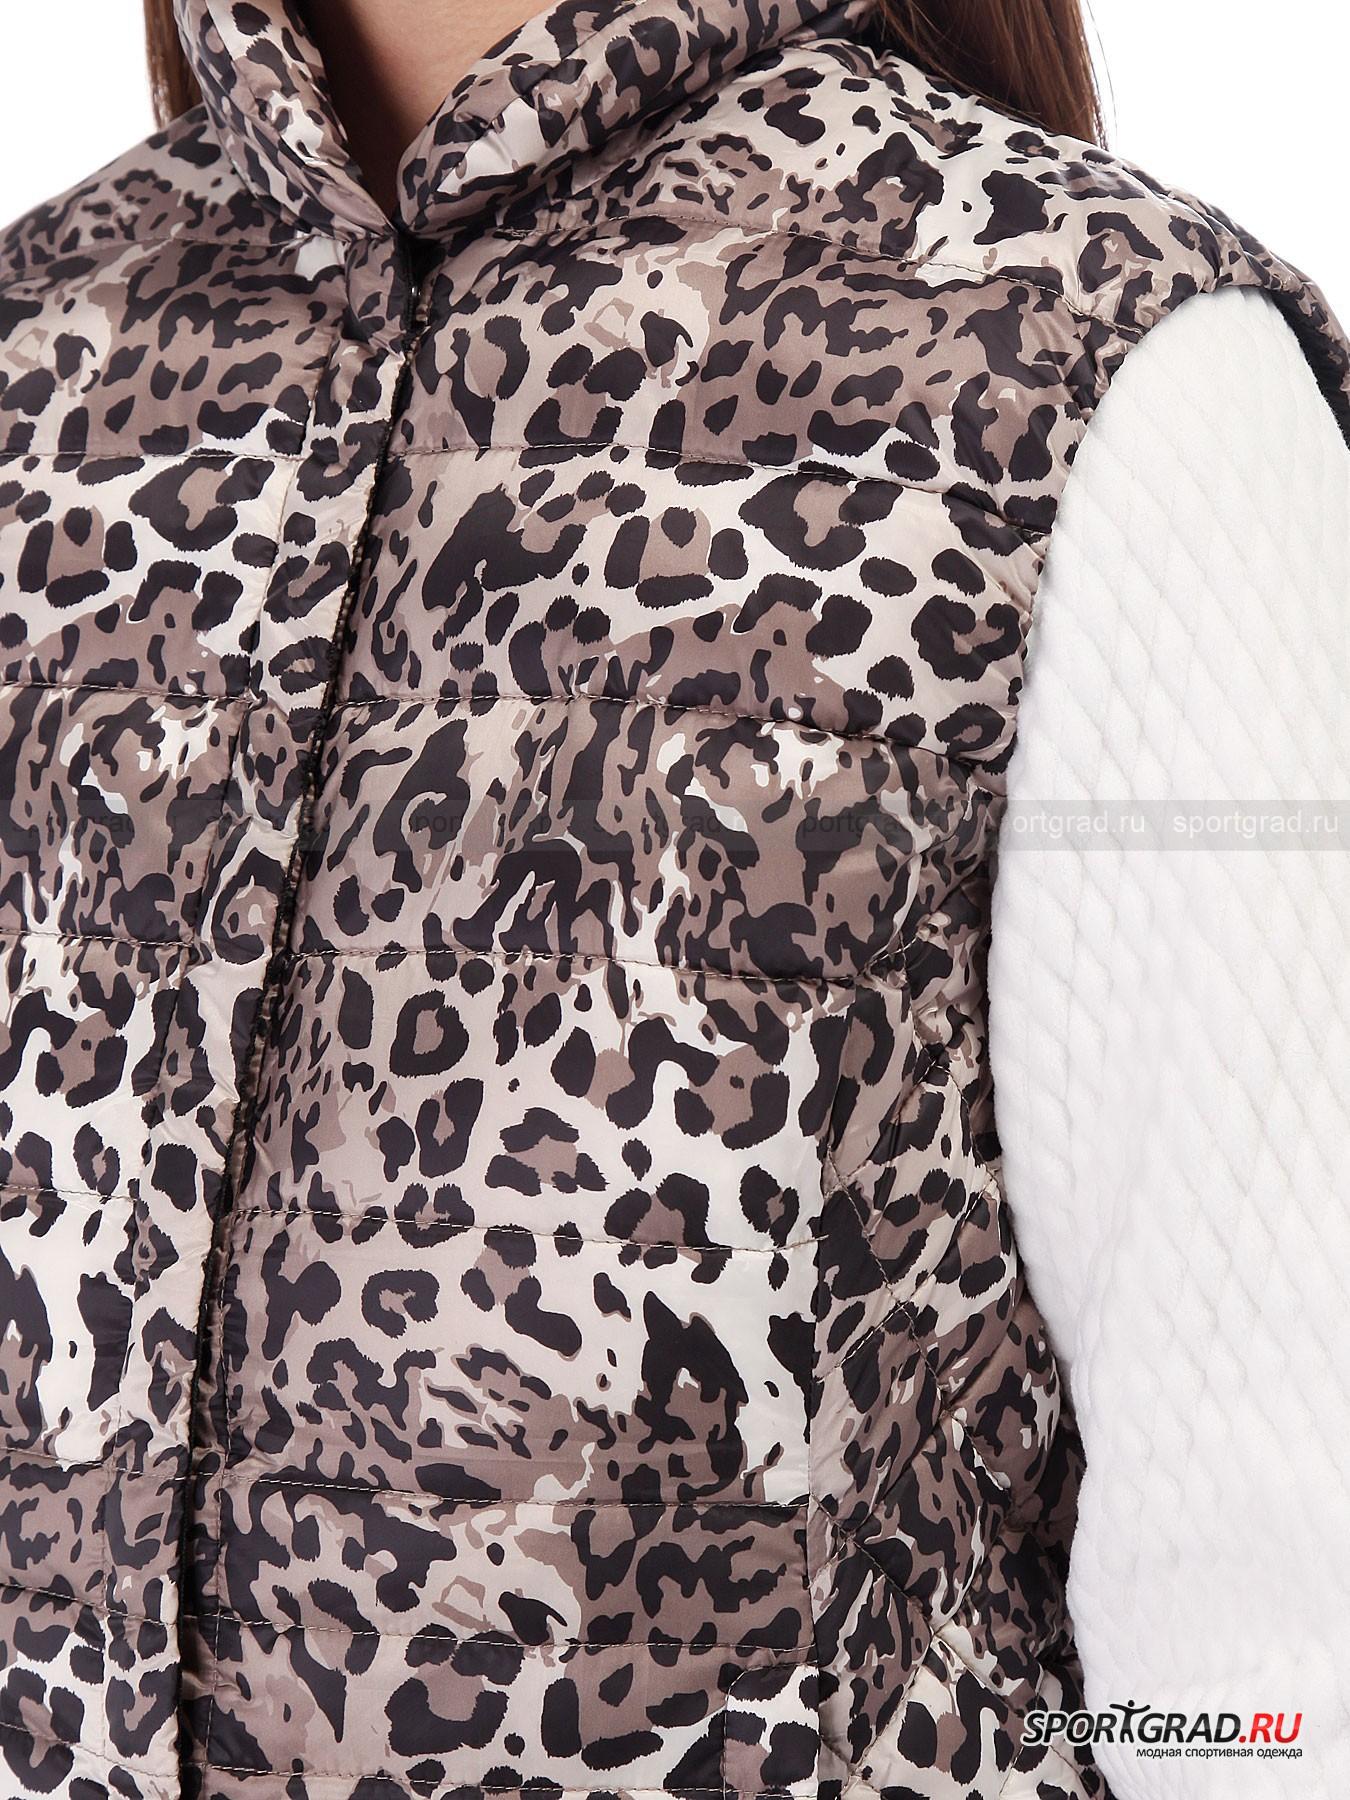 Жилет женский Vest CAMPAGNOLO от Спортград